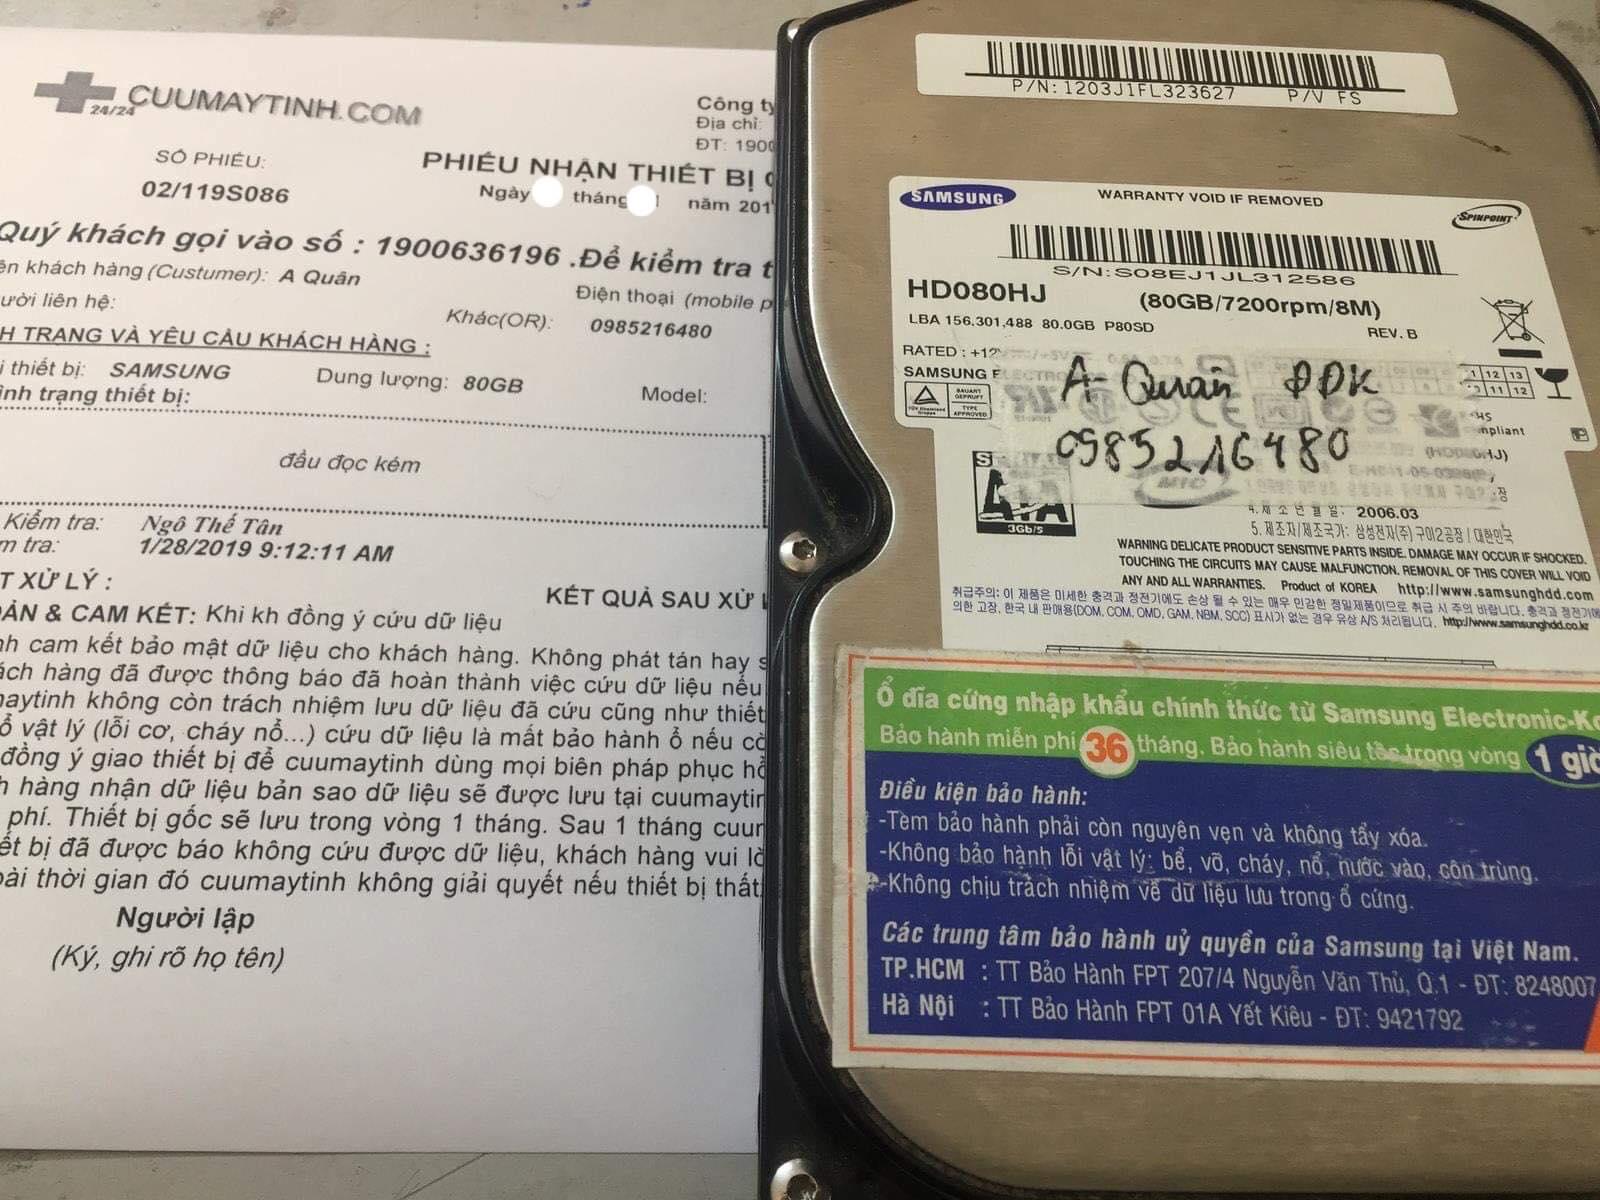 Phục hồi dữ liệu ổ cứng Samsung 80GB đầu đọc kém 27/02/2019 - cuumaytinh